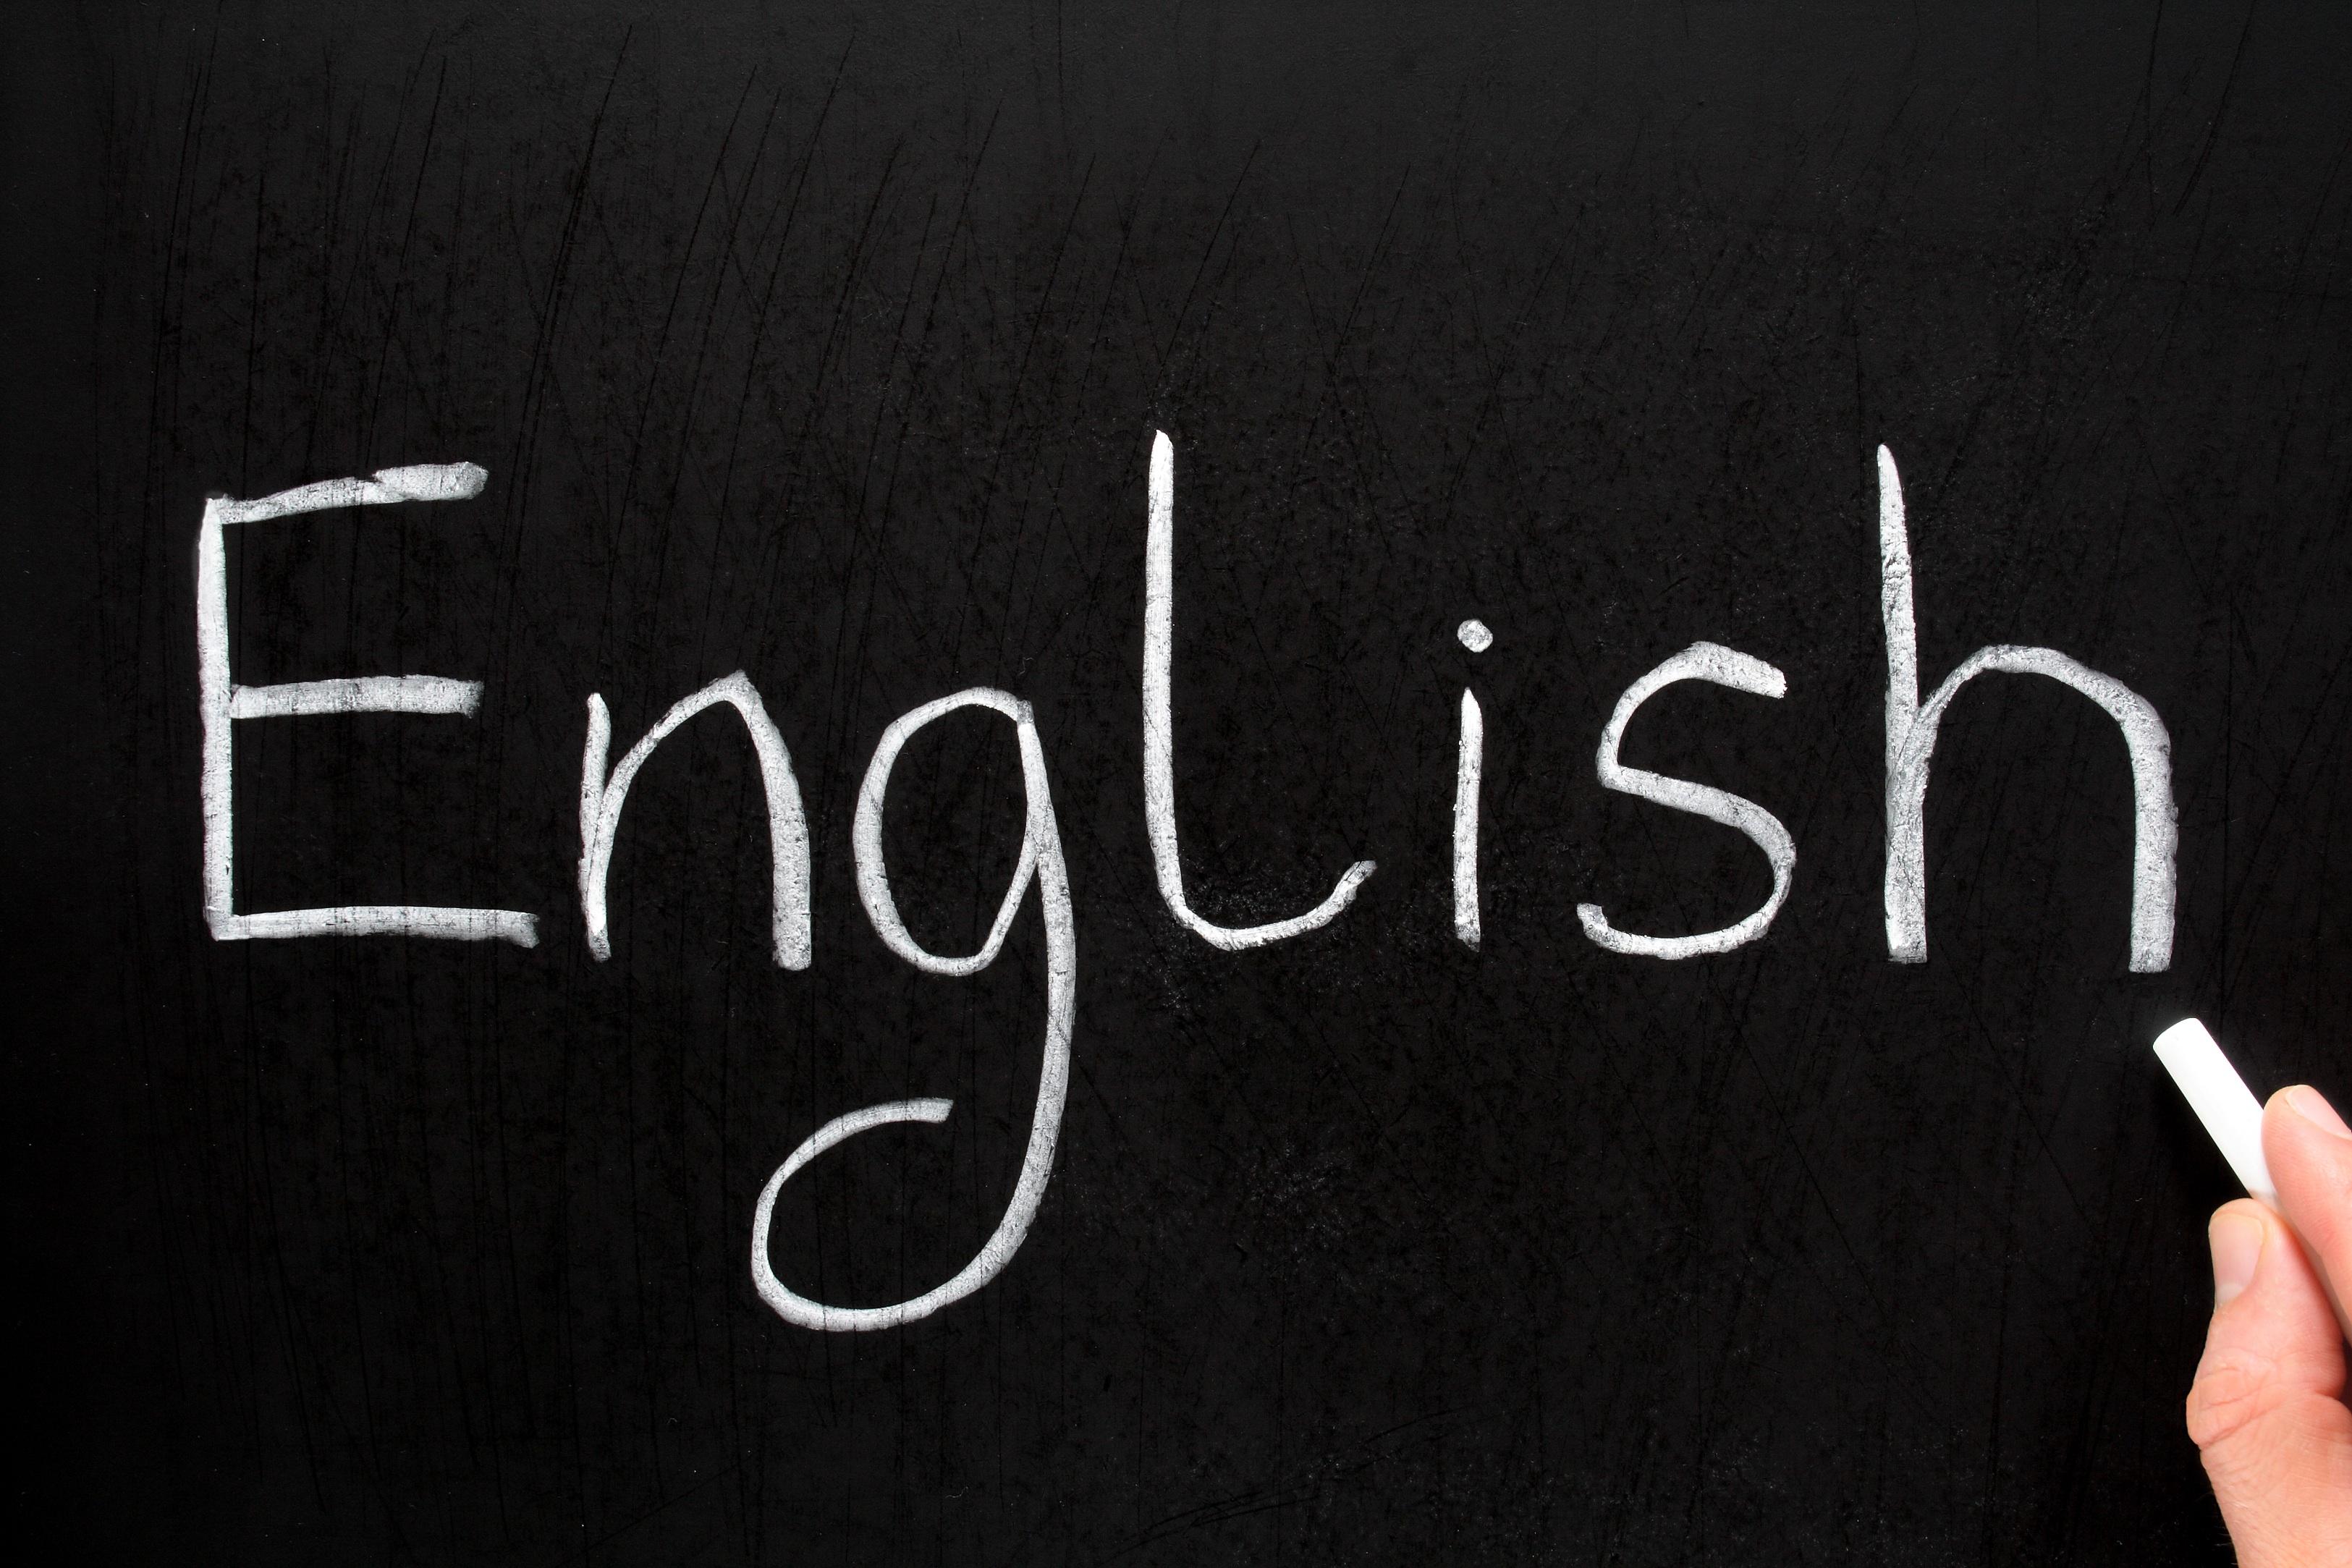 dobrega prevajalca je tažko najti